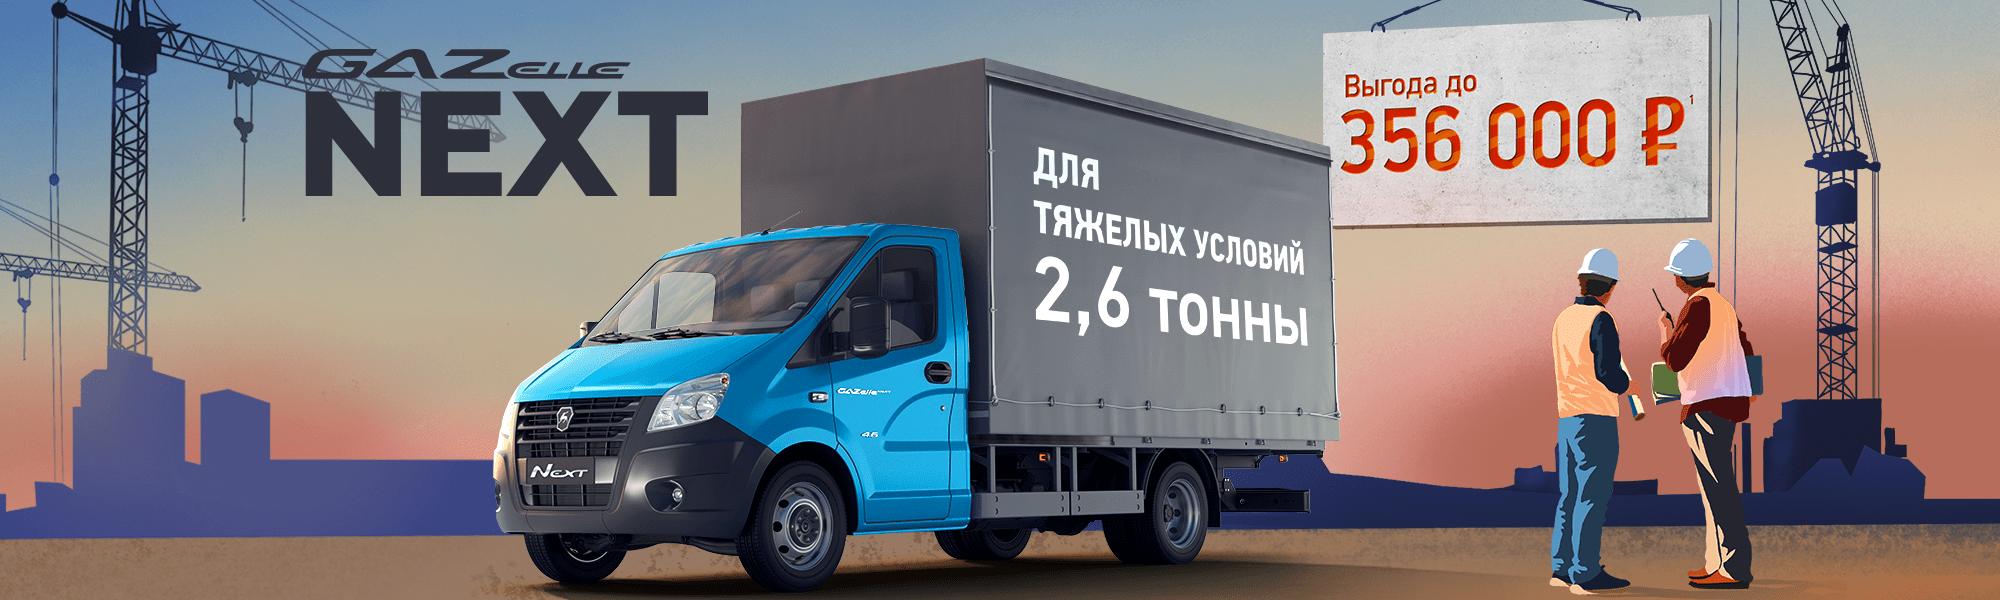 Акция для физических лиц, выгода до 356000 рублей при покупке Газель NEXT Борт. Десктопное изображение